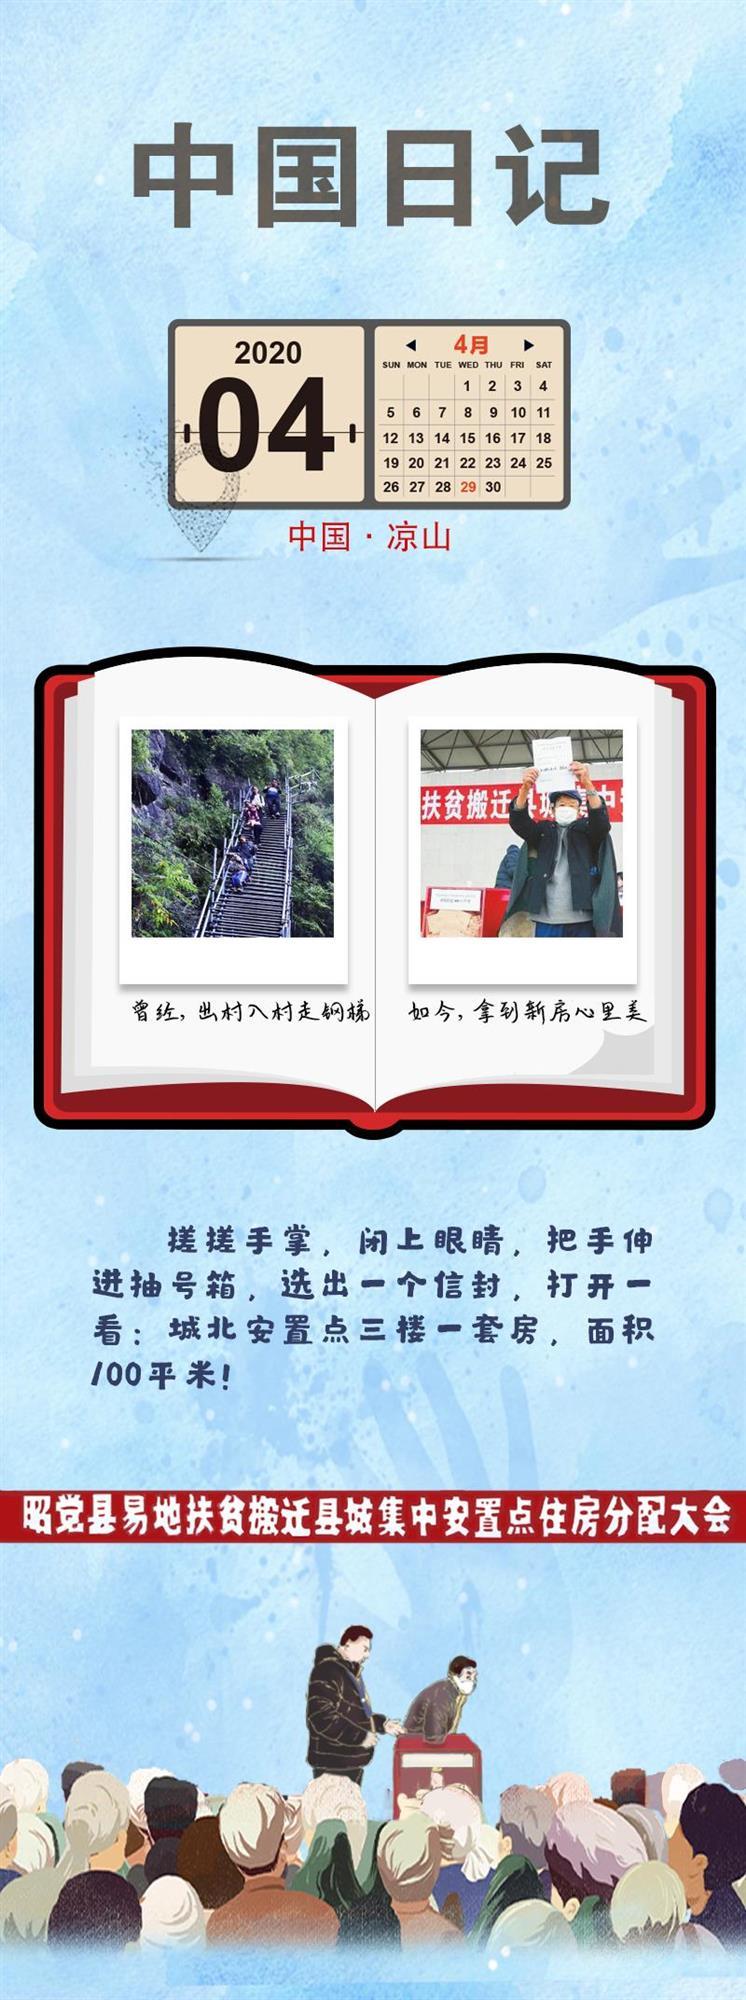 中国日记 4月29日丨我抽到了新家,100平米!图片